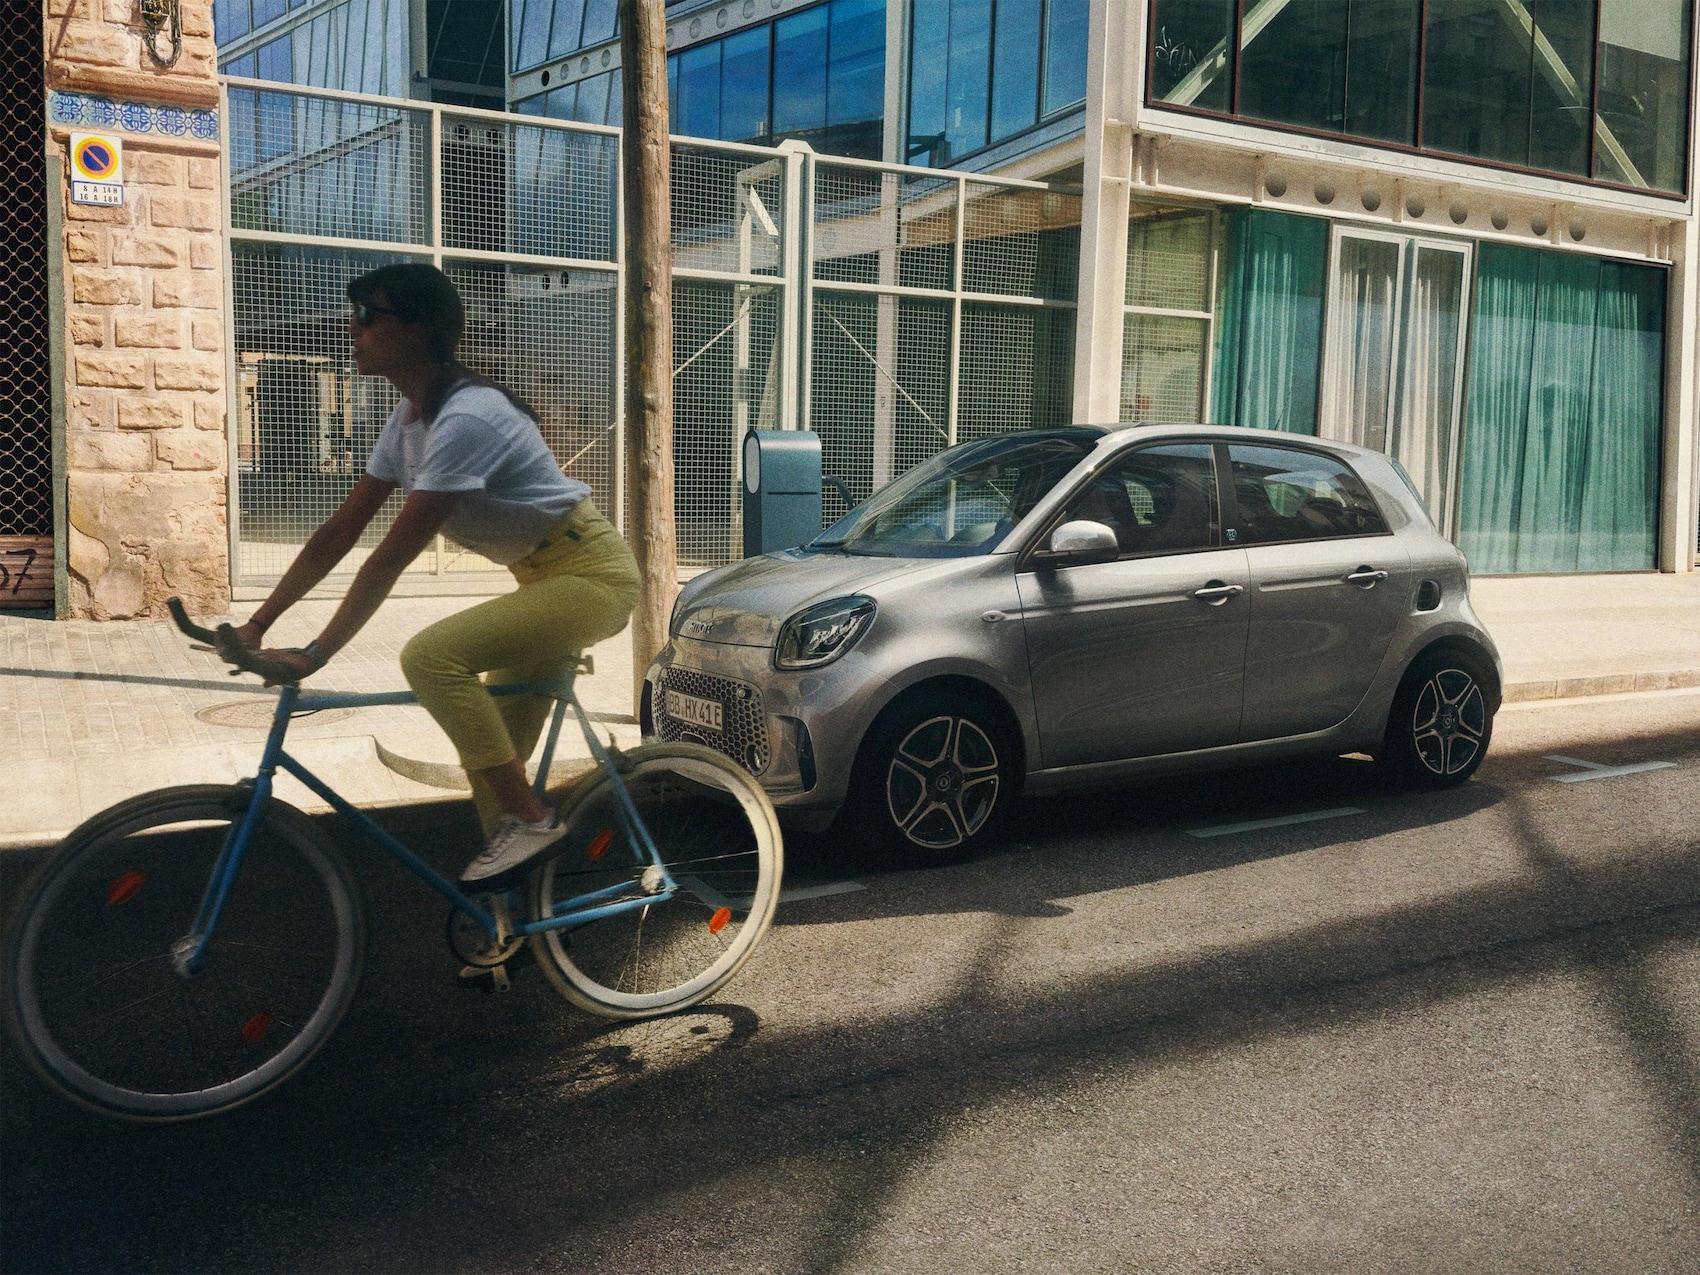 Une smart EQ forfour stationnée le long du trottoir. Un cycliste passe à côté.